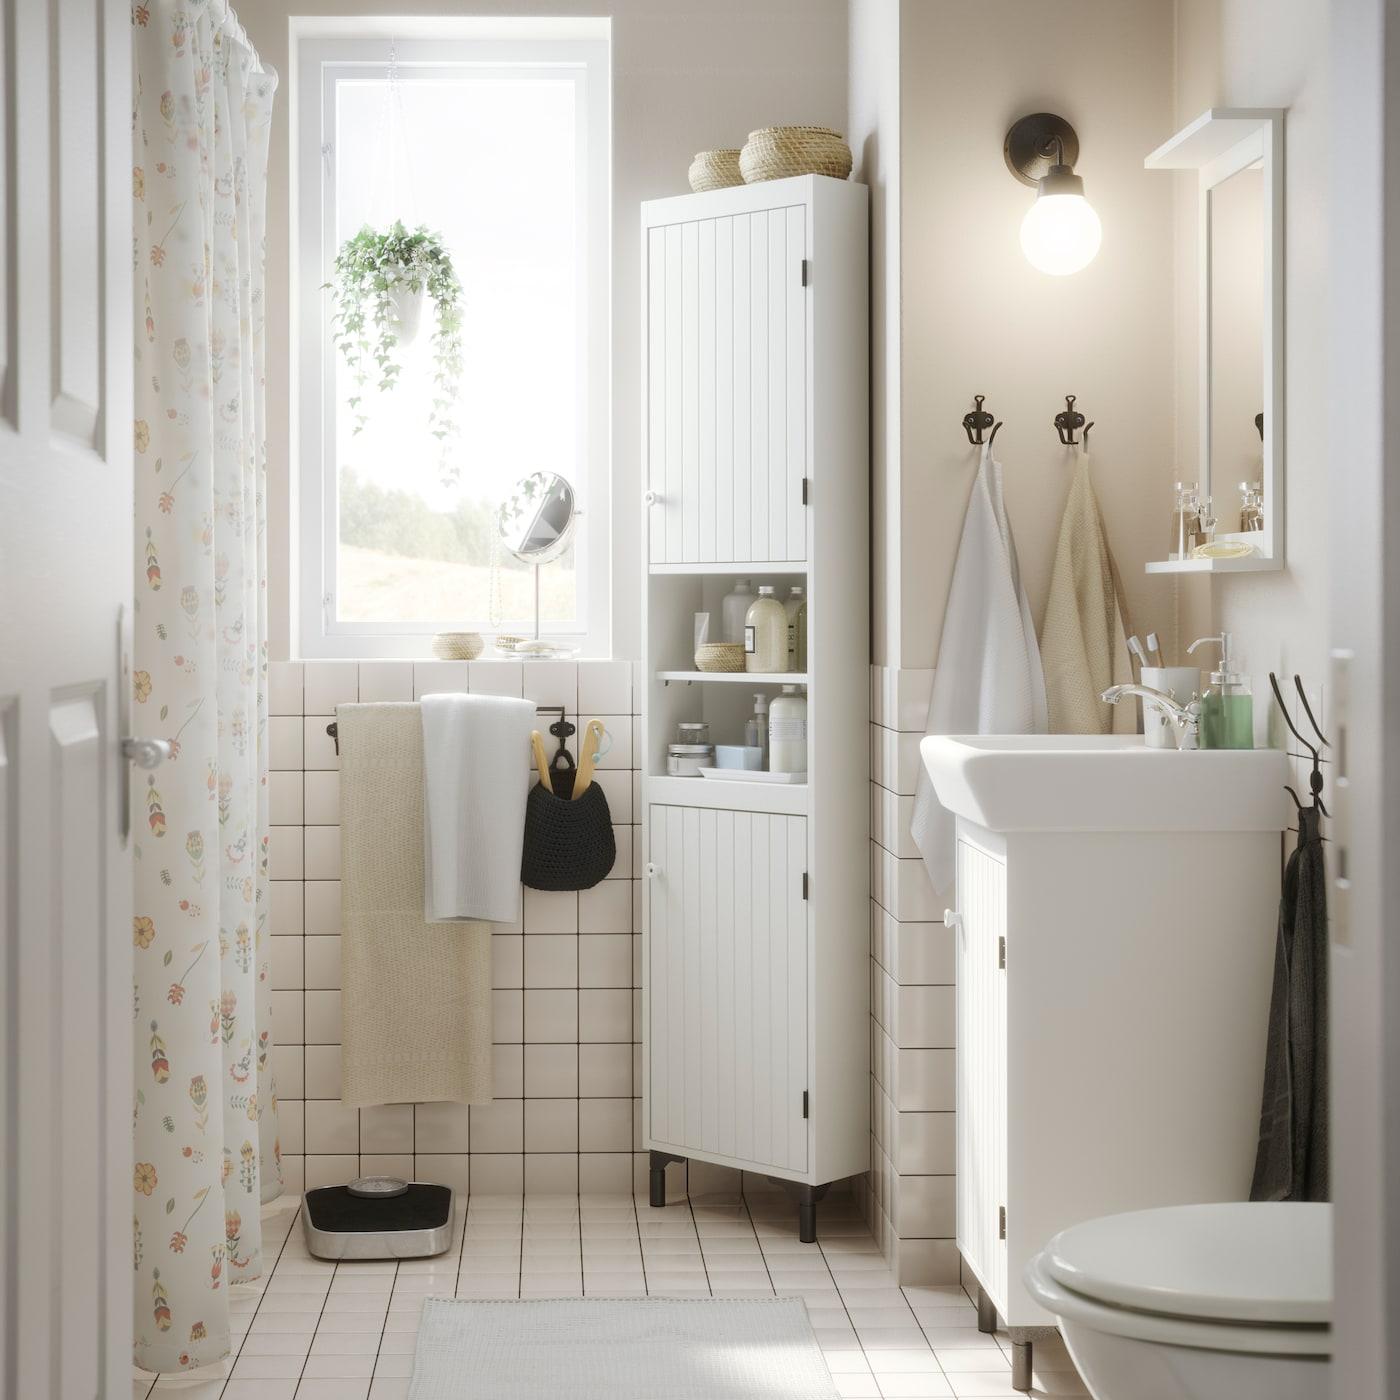 Pieni valkoinen kylpyhuone, jossa kulmakaappi, allaskaappi ja peili, jossa hylly.